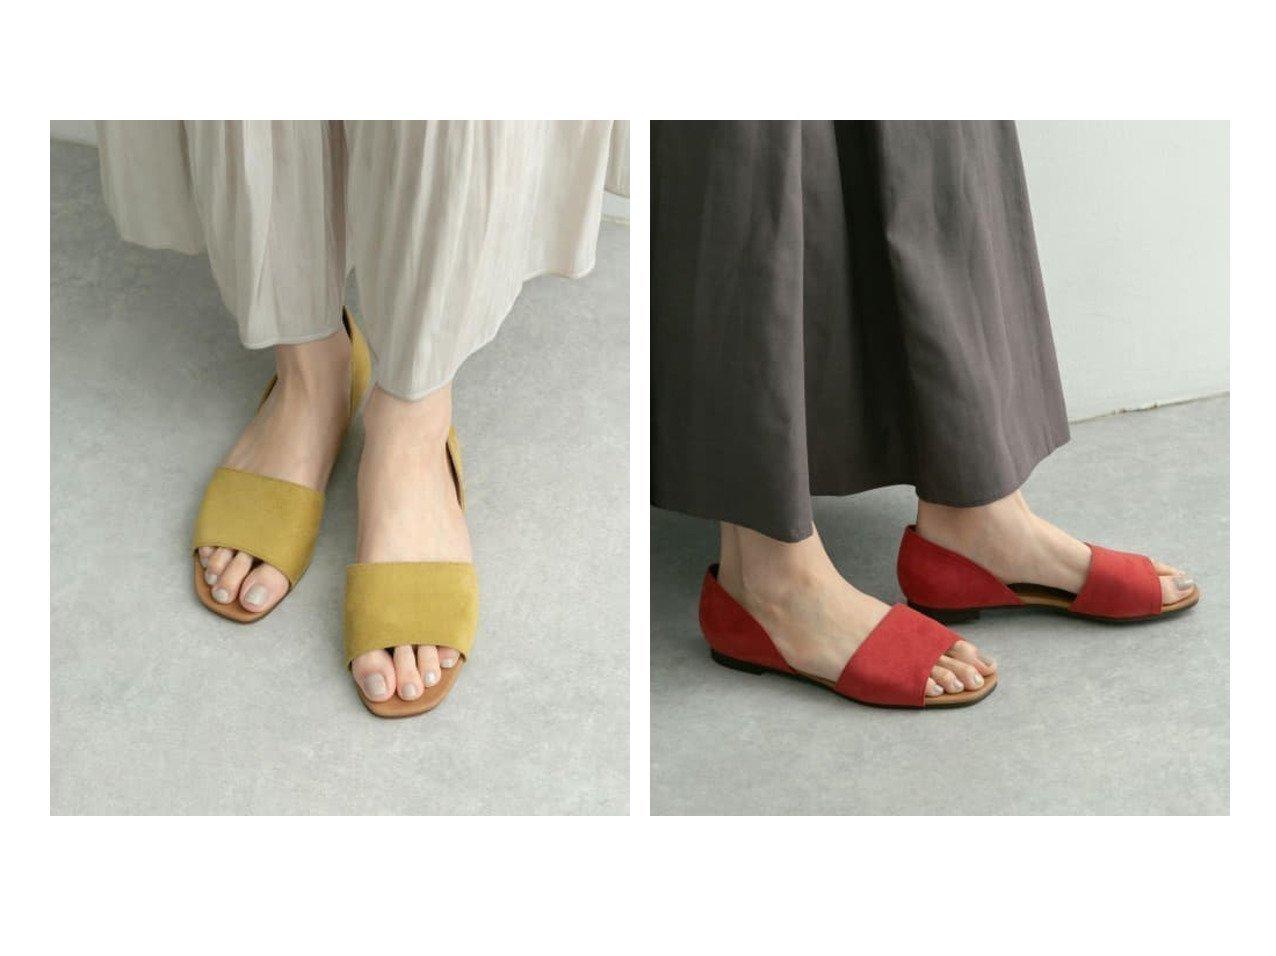 【RODE SKO / URBAN RESEARCH/ロデスコ】のELLEN セパレートフラットサンダル 【シューズ・靴】おすすめ!人気、トレンド・レディースファッションの通販 おすすめで人気の流行・トレンド、ファッションの通販商品 インテリア・家具・メンズファッション・キッズファッション・レディースファッション・服の通販 founy(ファニー) https://founy.com/ ファッション Fashion レディースファッション WOMEN サンダル シューズ シンプル ベーシック ラップ 日本製 Made in Japan |ID:crp329100000050306